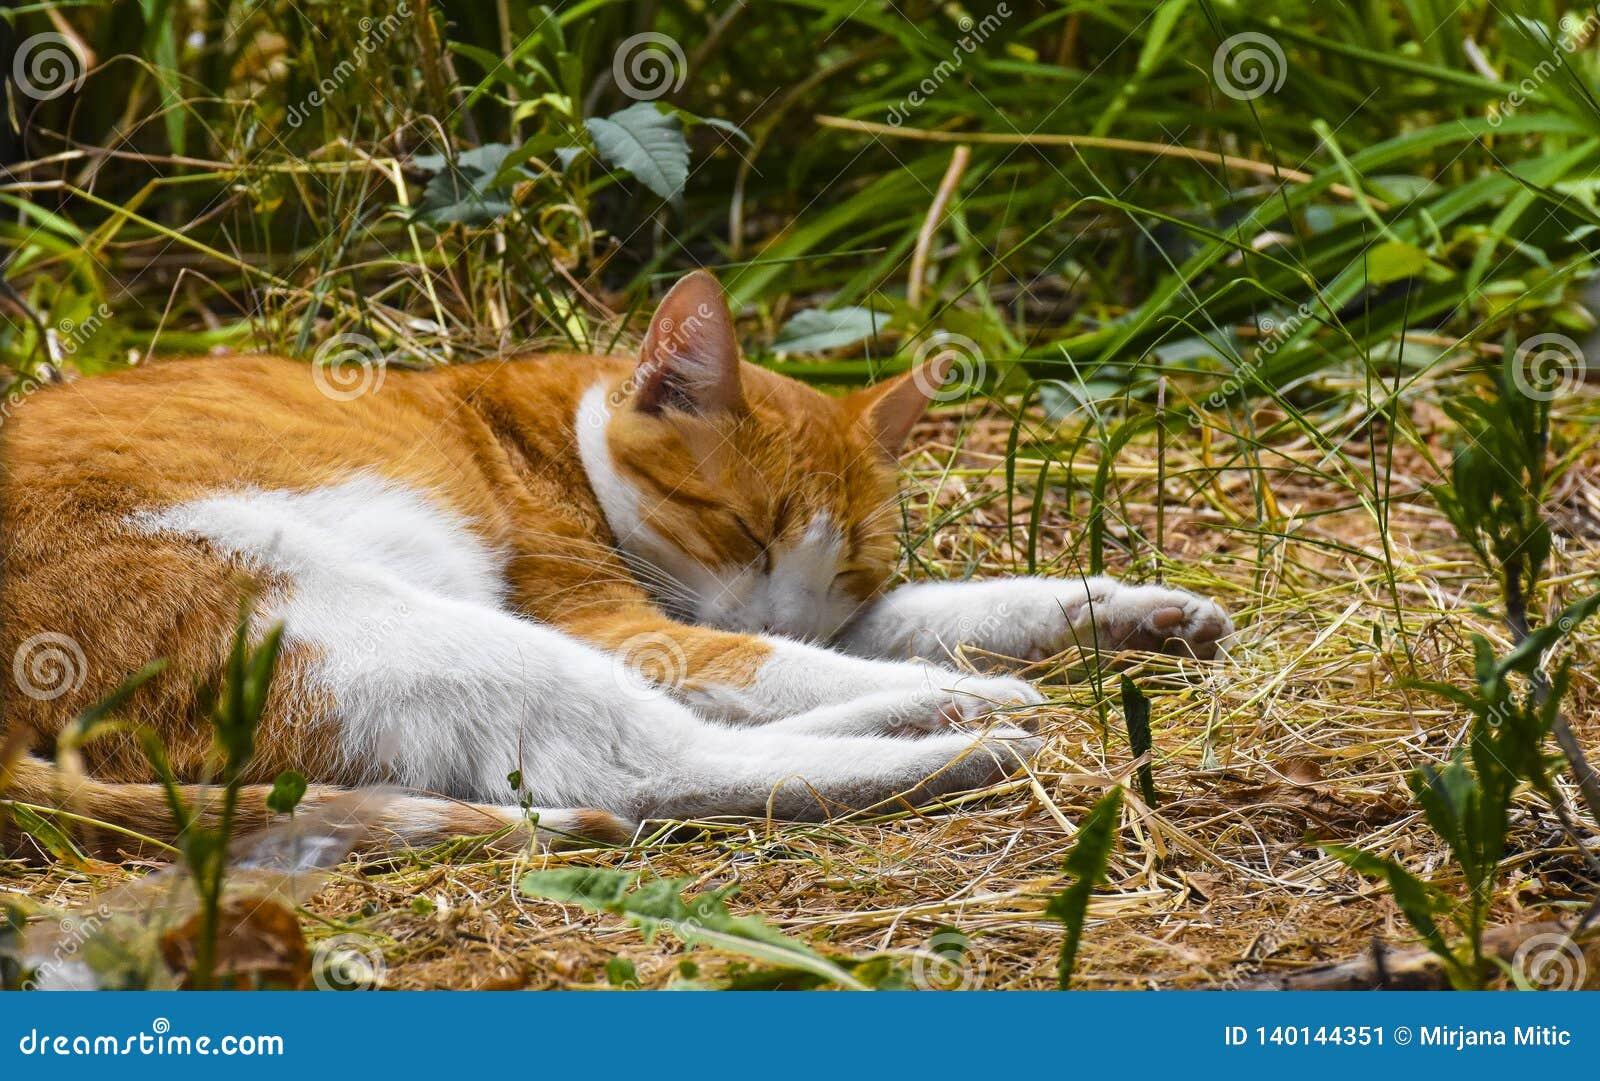 Gato sonolento no campo